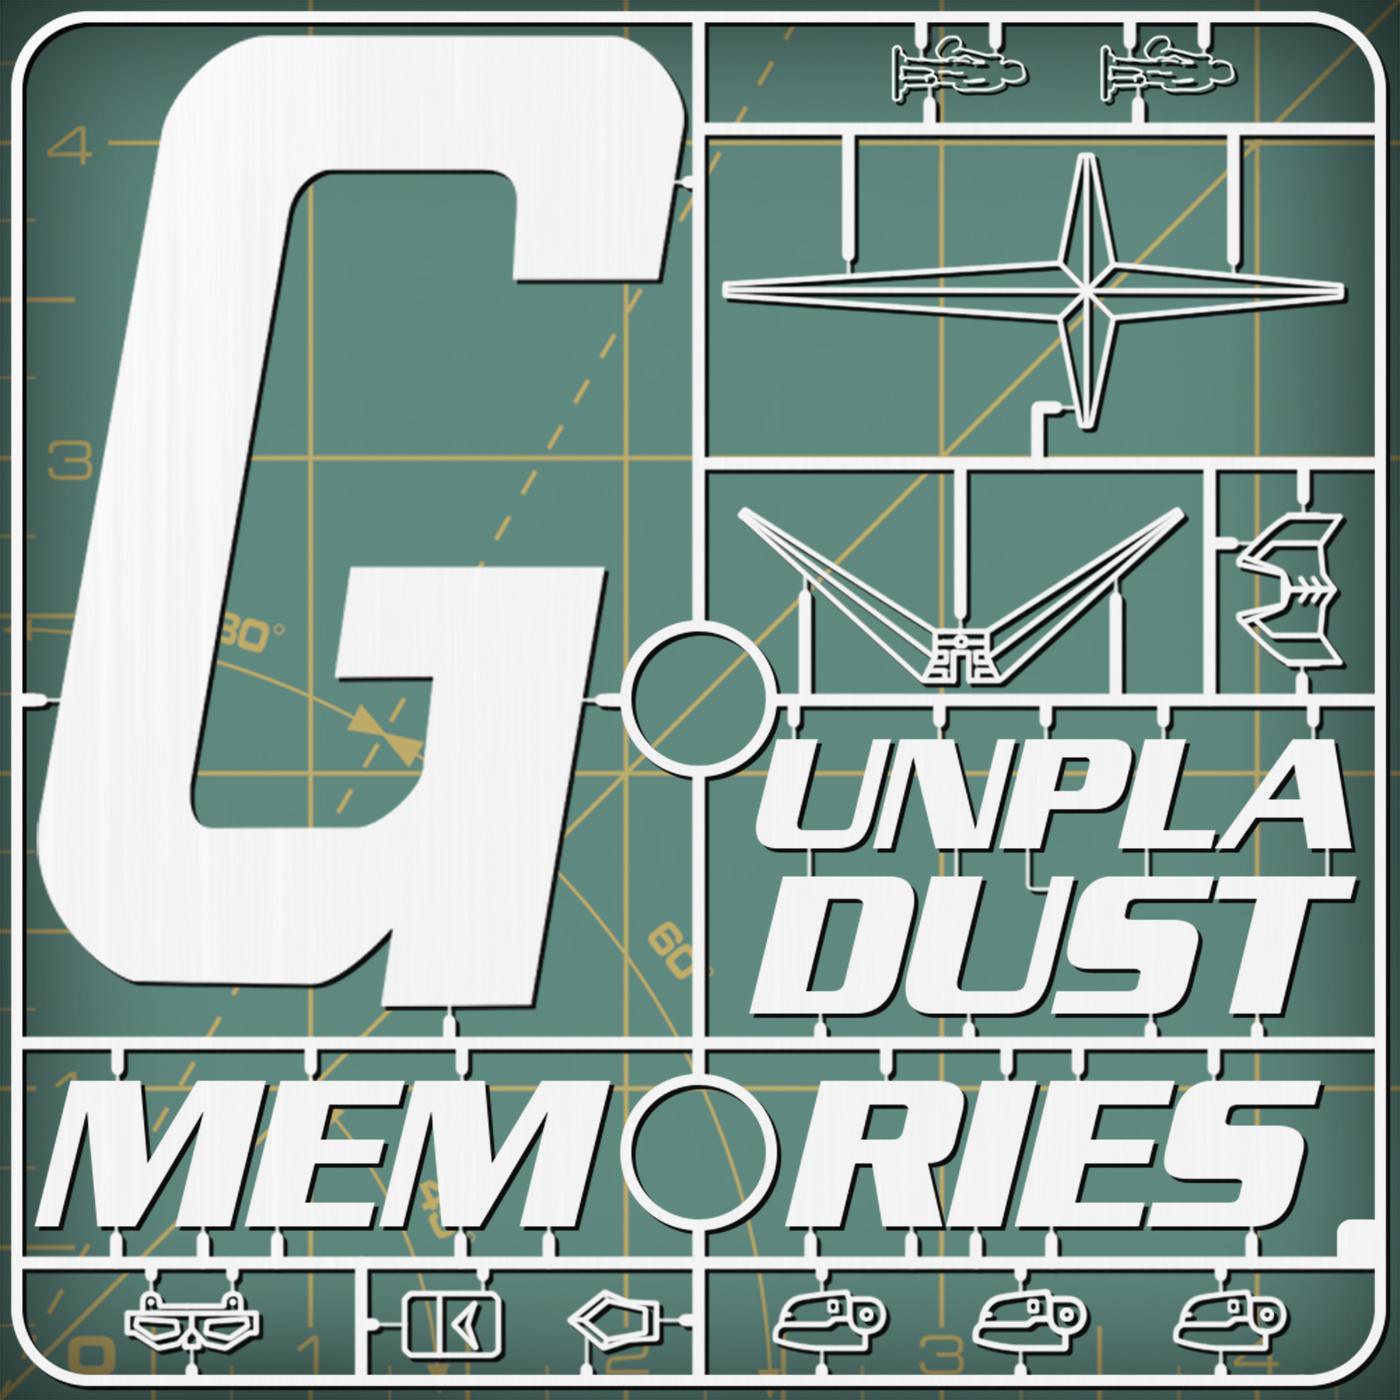 Gunpladust Memories